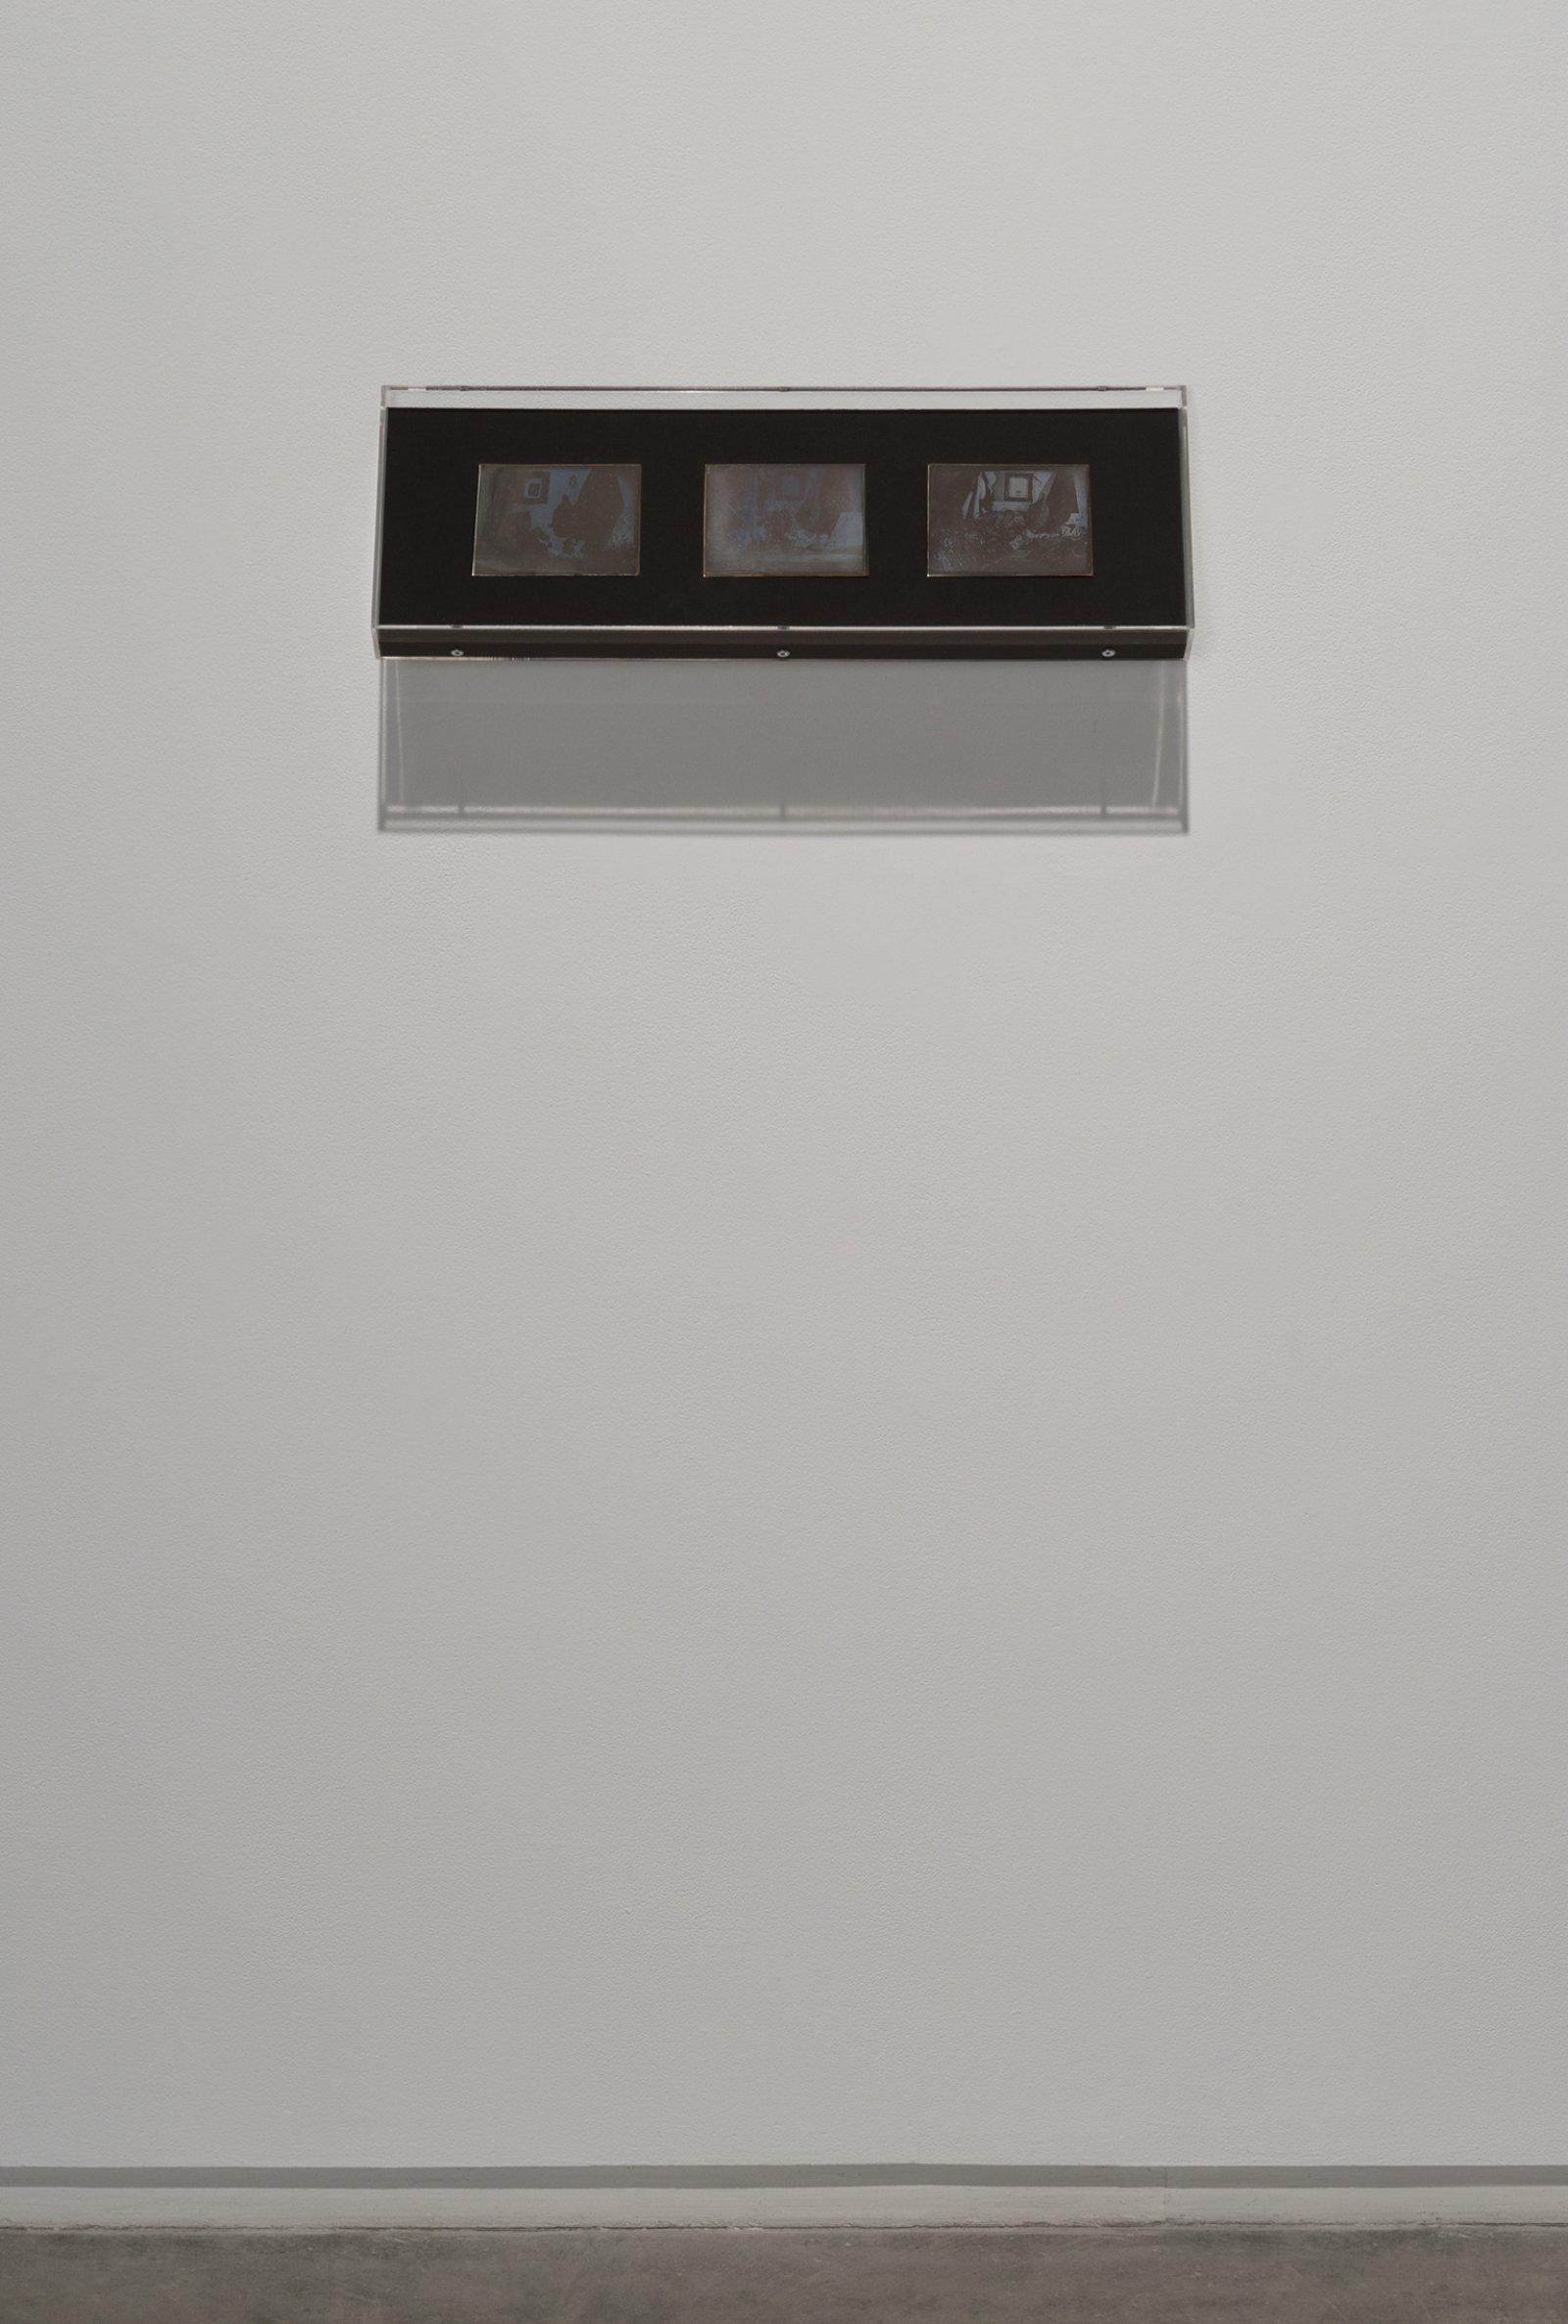 Julia Feyrer, Studio 1, 2 & 3fromThe artist's studio, 2010, becquerel daguerreotypes on silver coated brass, 7 x 21 x 2 (19 x 54 x 2 cm)